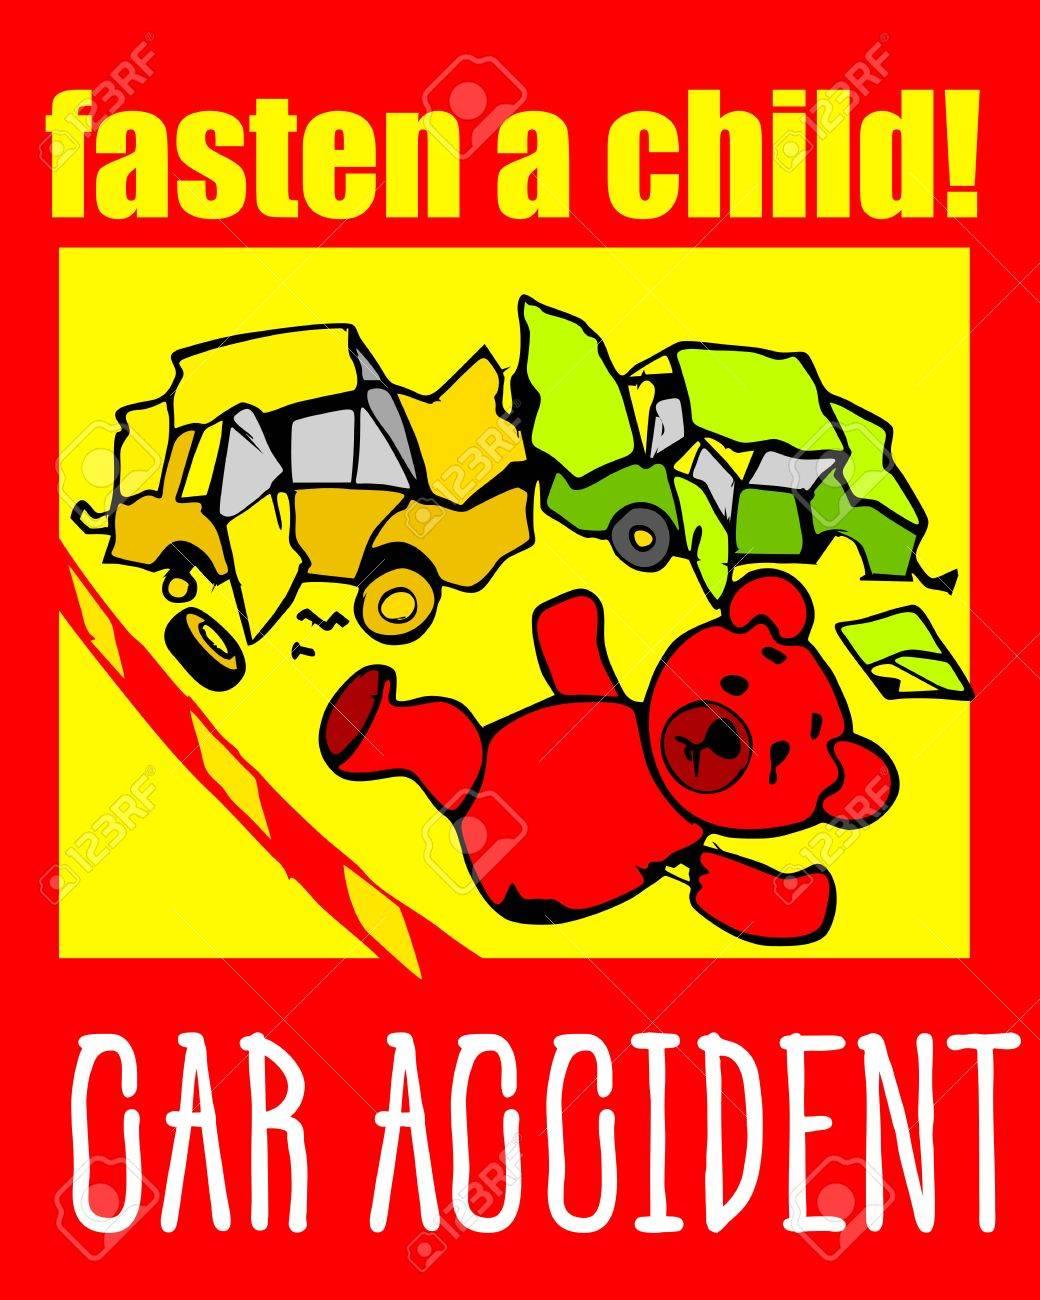 Accident RouteCeinture Enfant Pristegite La Bébé Pour EnfantAttentionDangerAuto Sécurité Sur SécuritéSiège De qVpMSzU